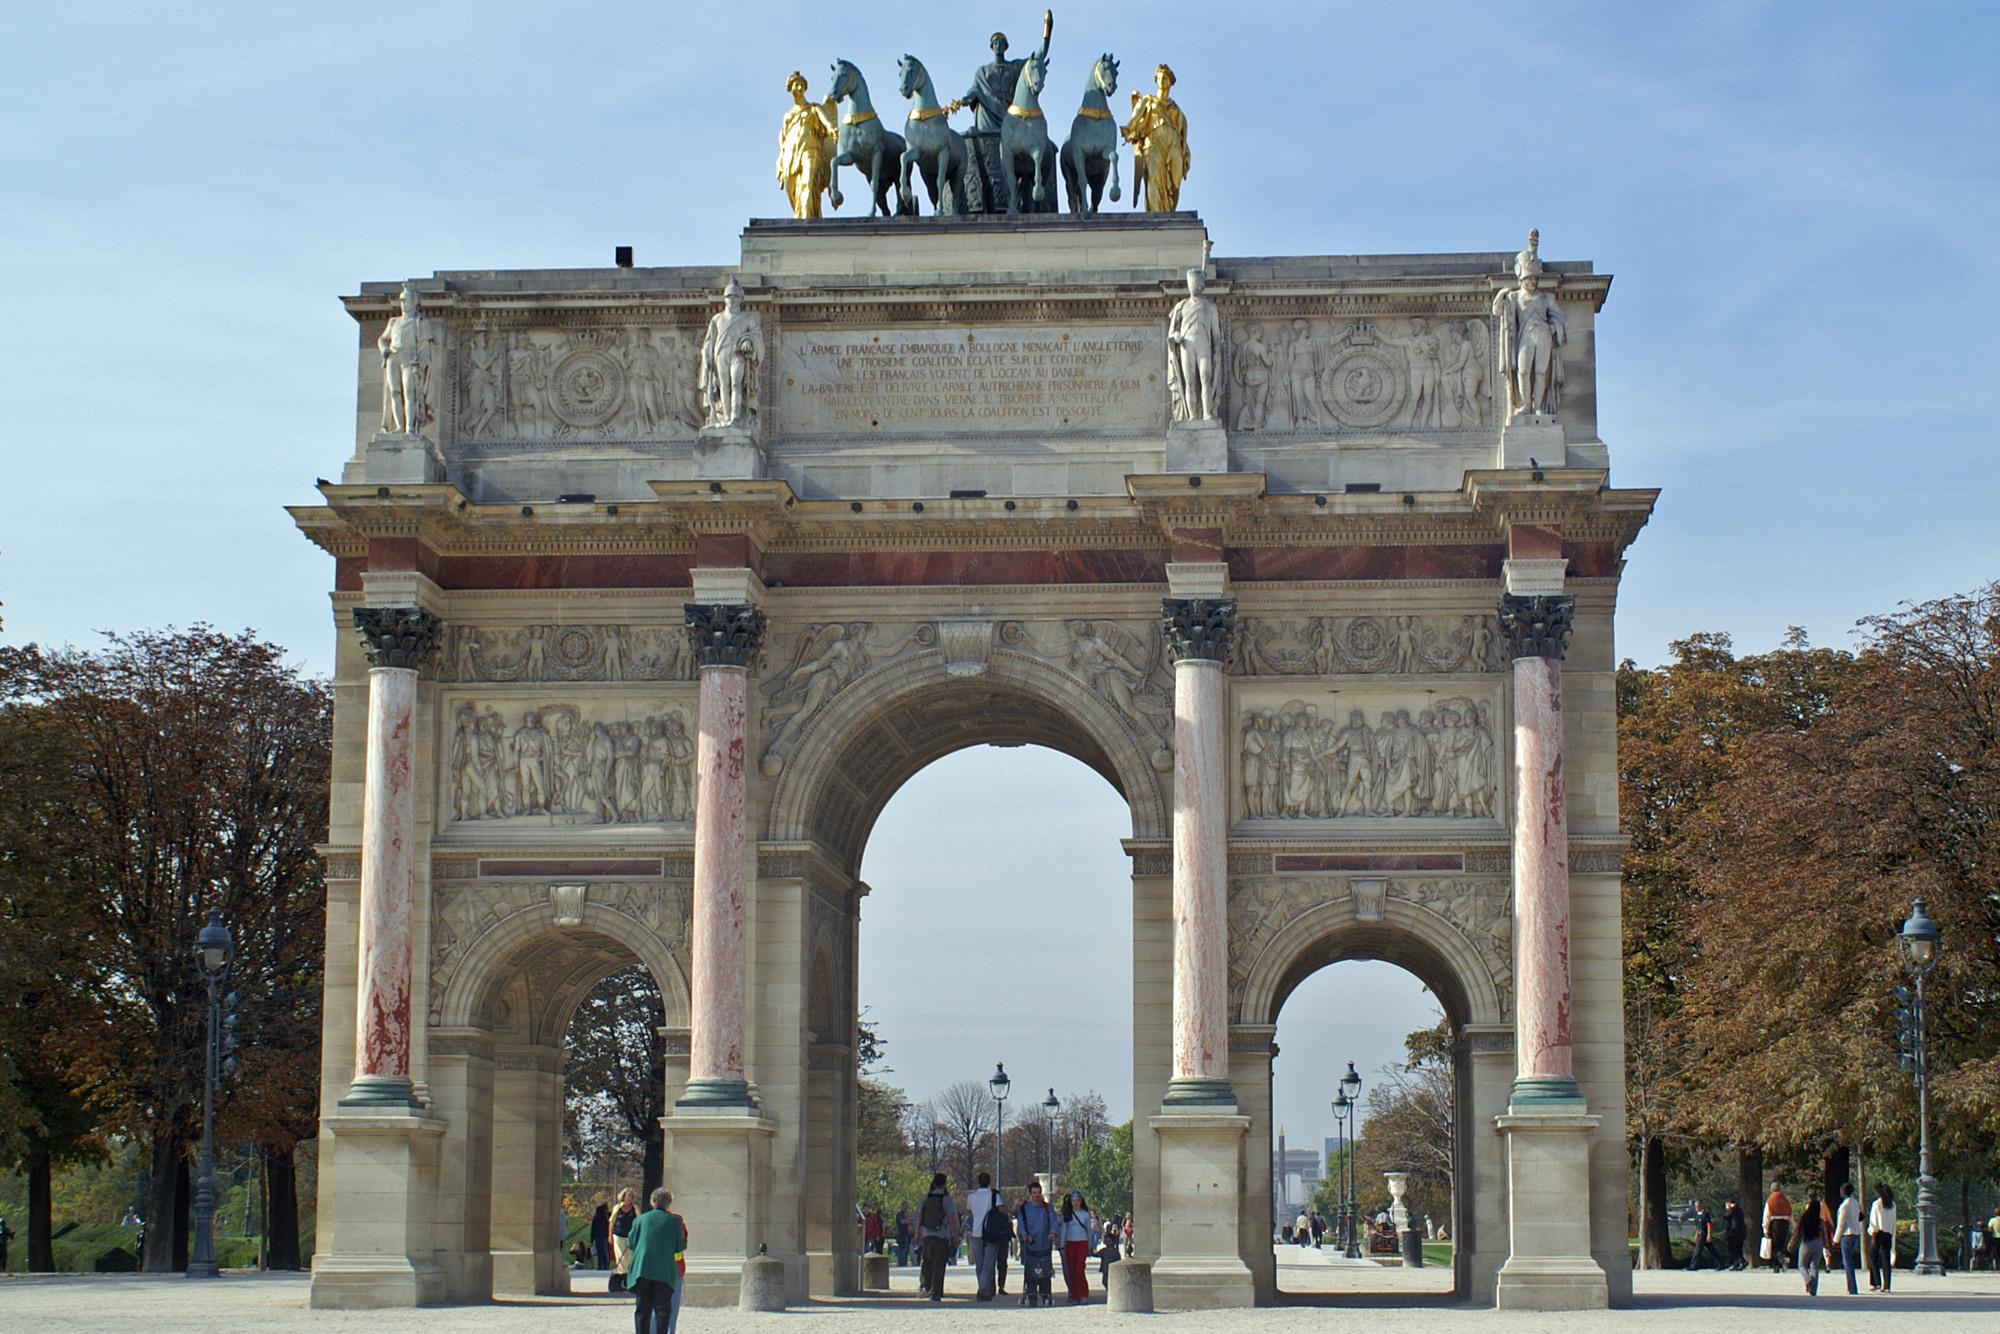 Luwr organizuje zbiórkę na renowację Arc du Carrousel